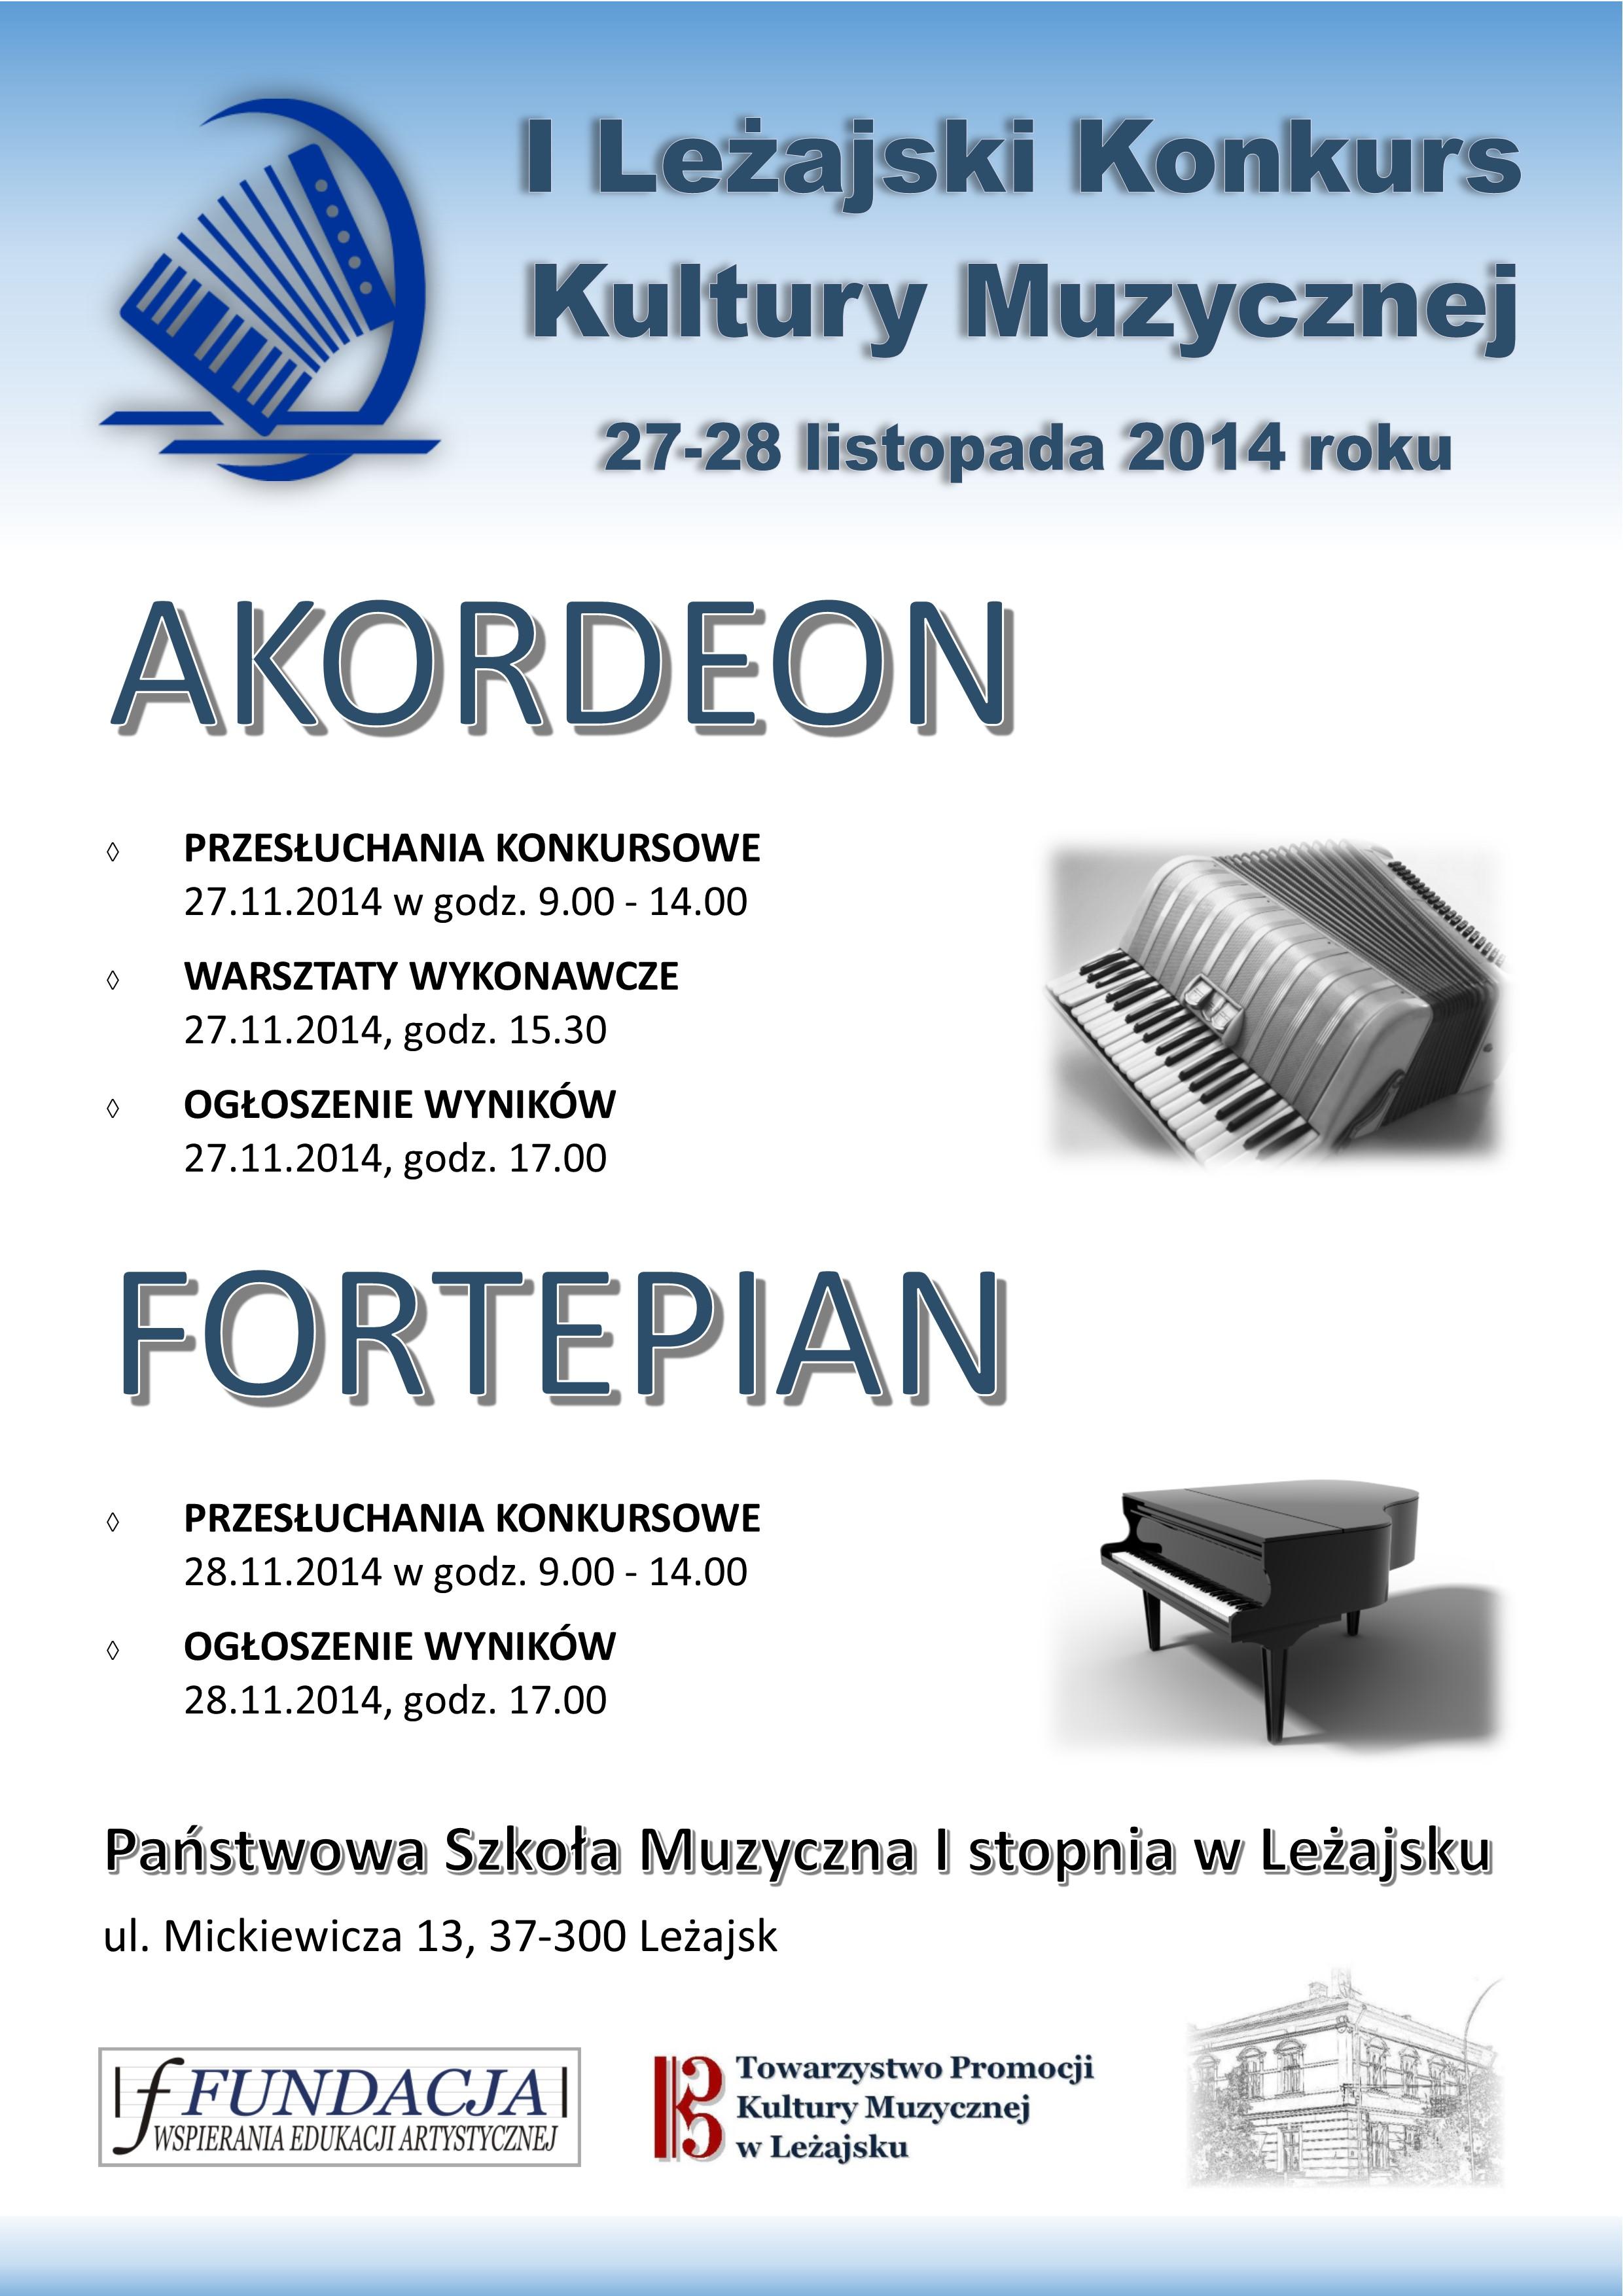 I Leżajski Konkurs Kultury Muzycznej